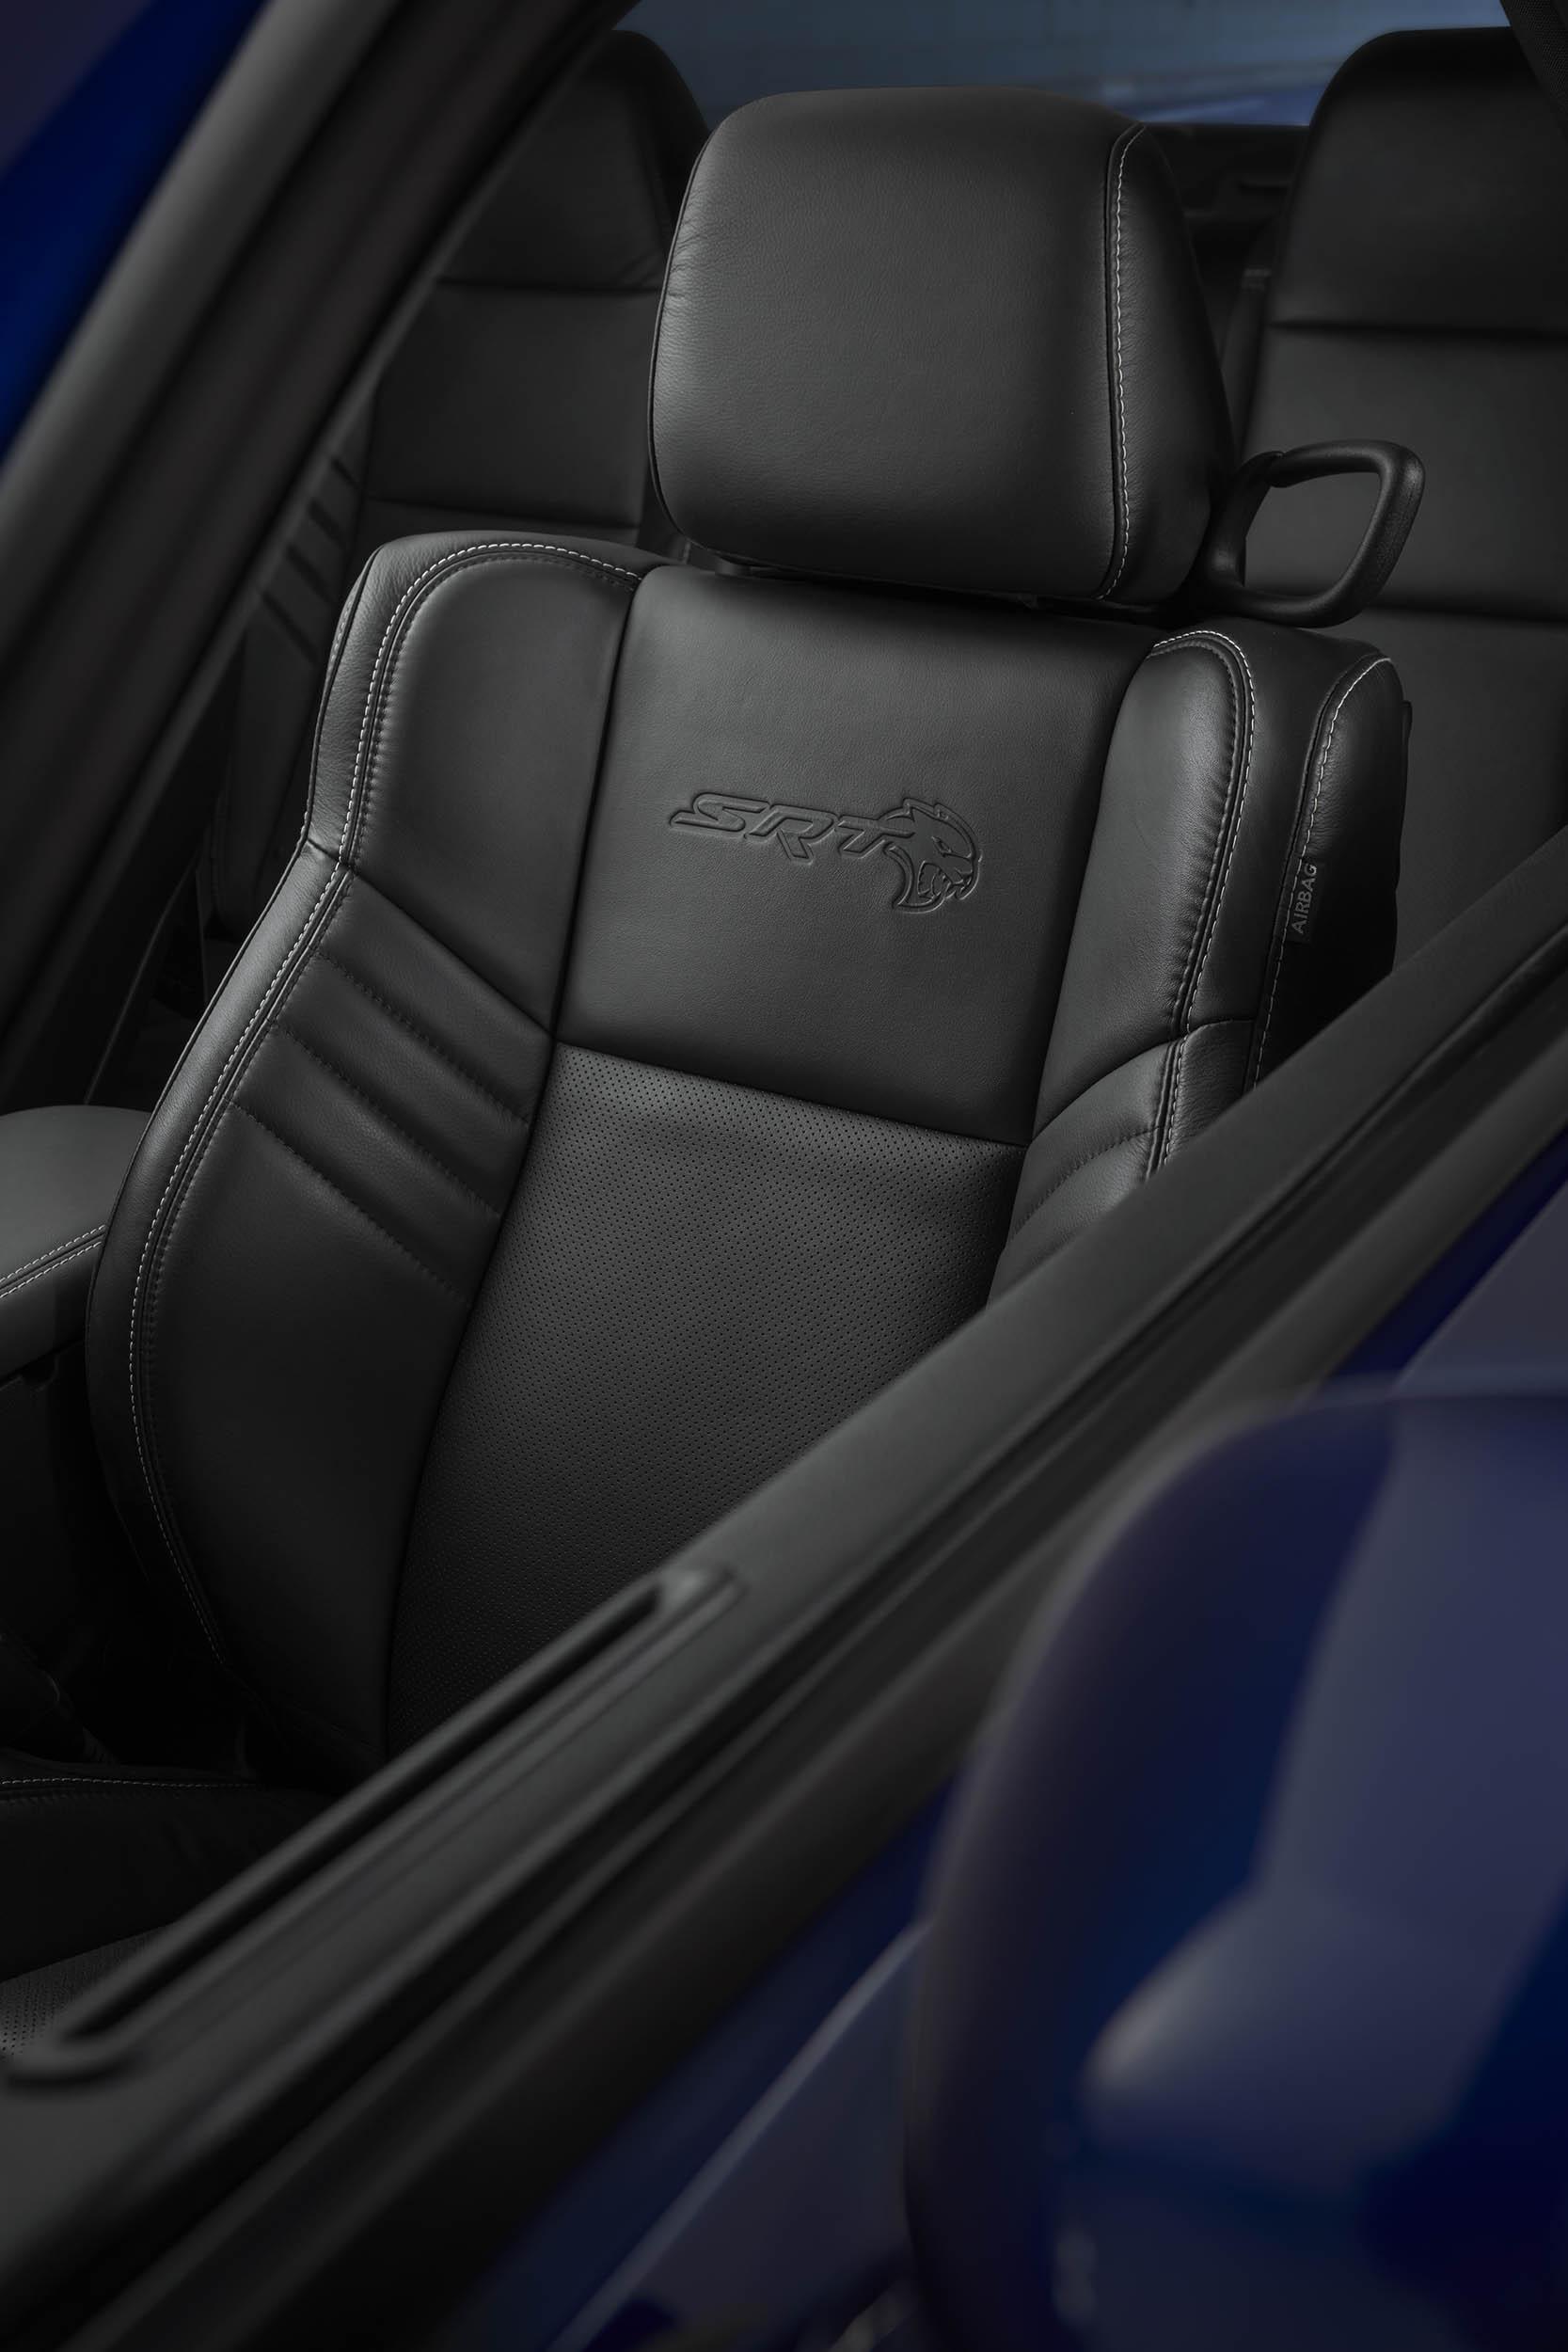 2019 Dodge Challenger SRT Hellcat Redeye Widebody interior seat